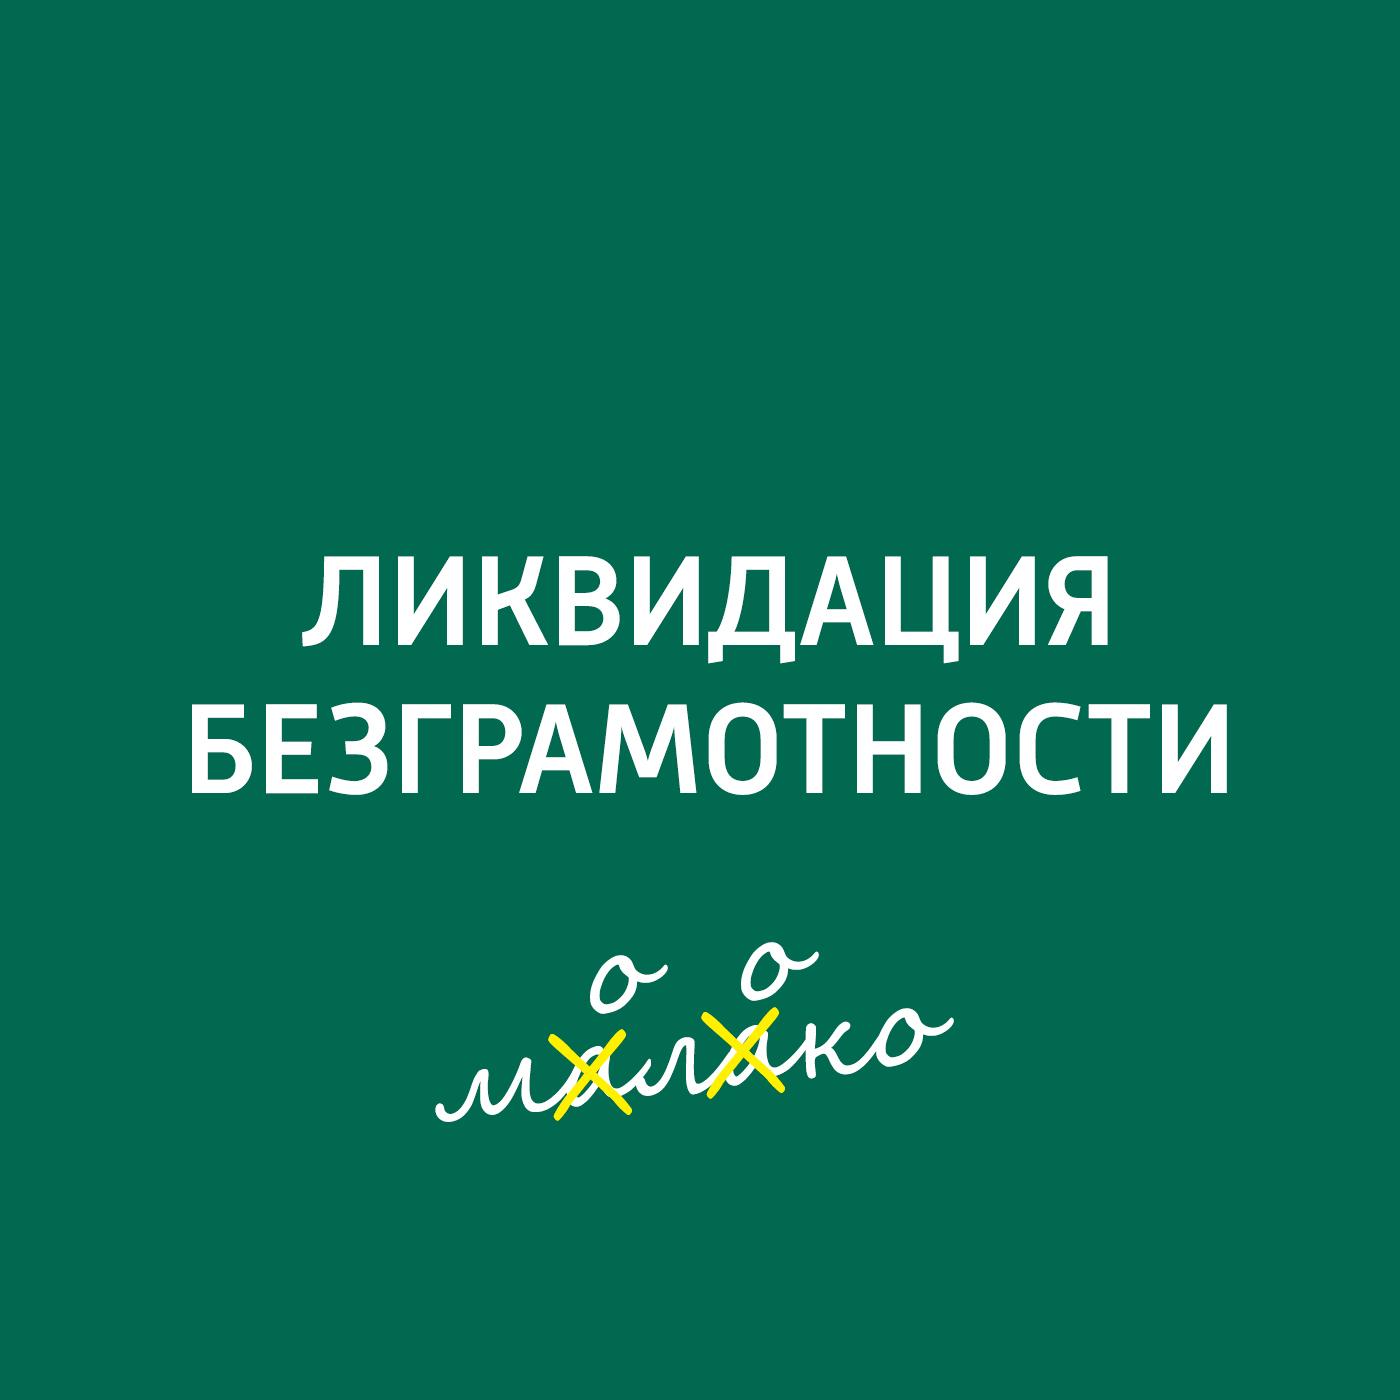 Творческий коллектив шоу «Сергей Стиллавин и его друзья» Что в имени тебе моем? О людях и вещах, которым мы даем название эфраим баух что в имени тебе моем…